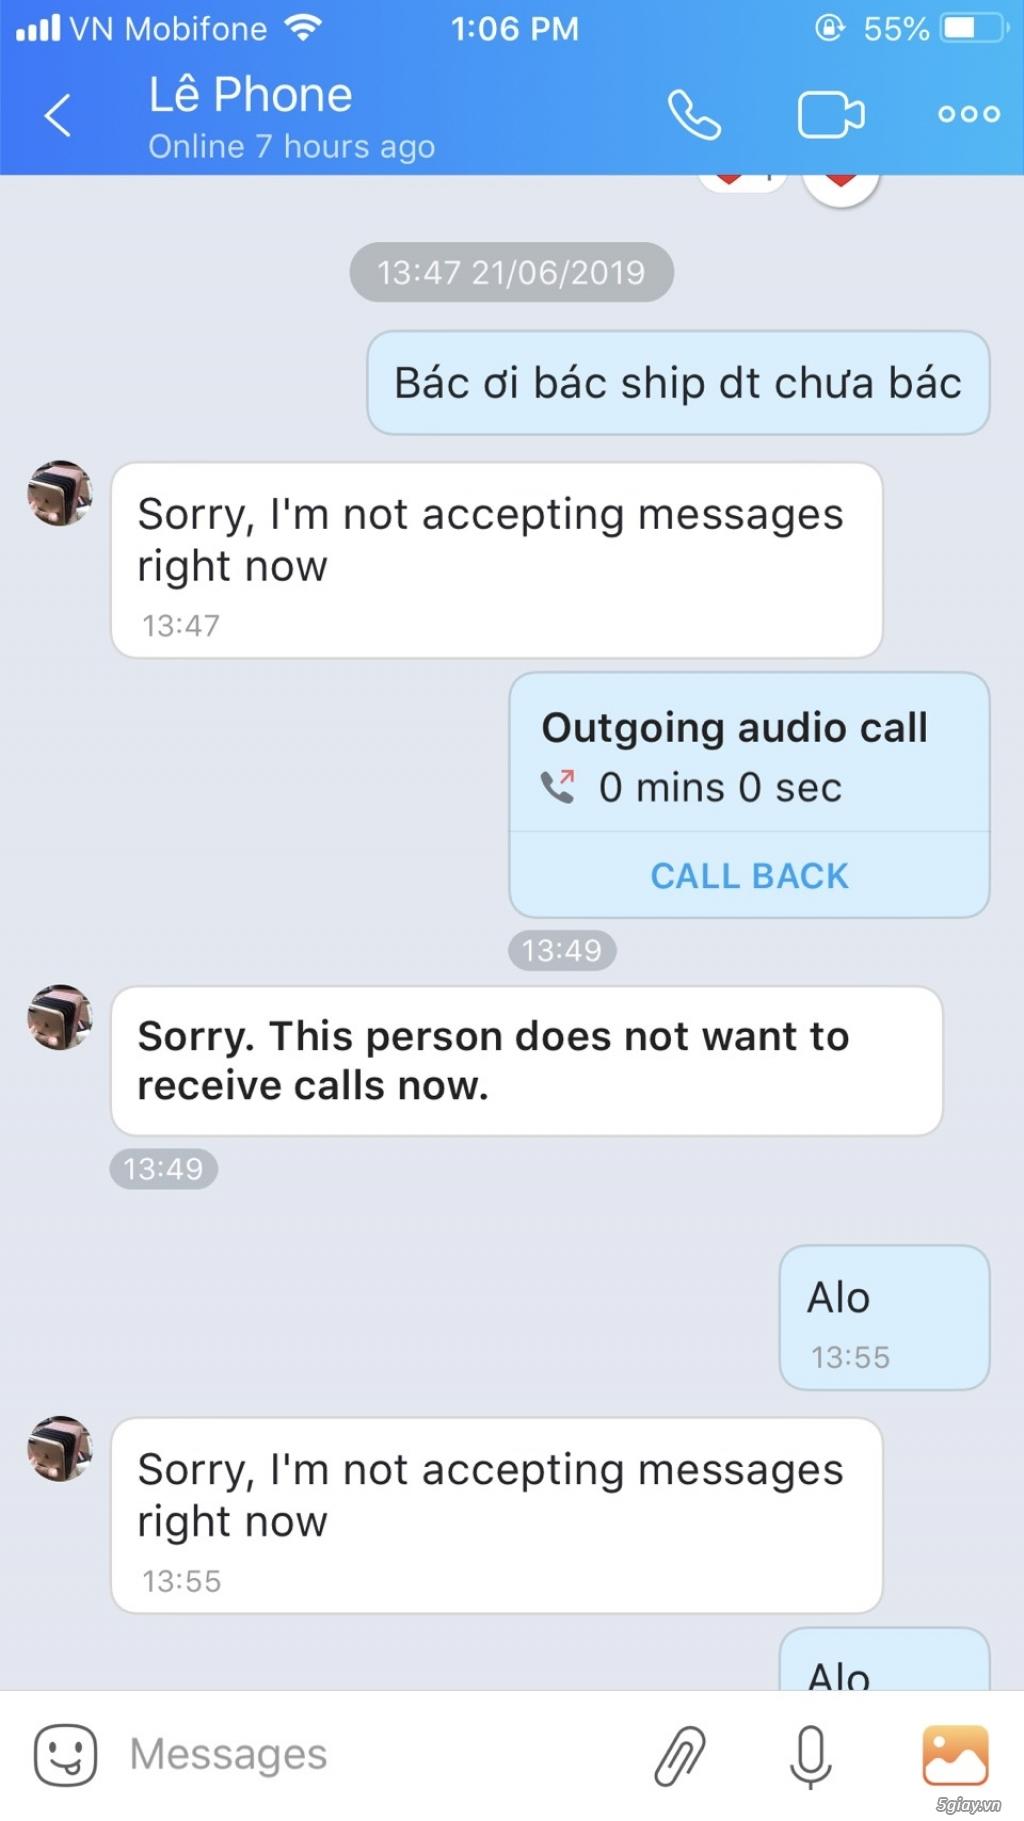 Bán Iphone lừa đảo, nick 5 giây cấp 4: manzit - 2